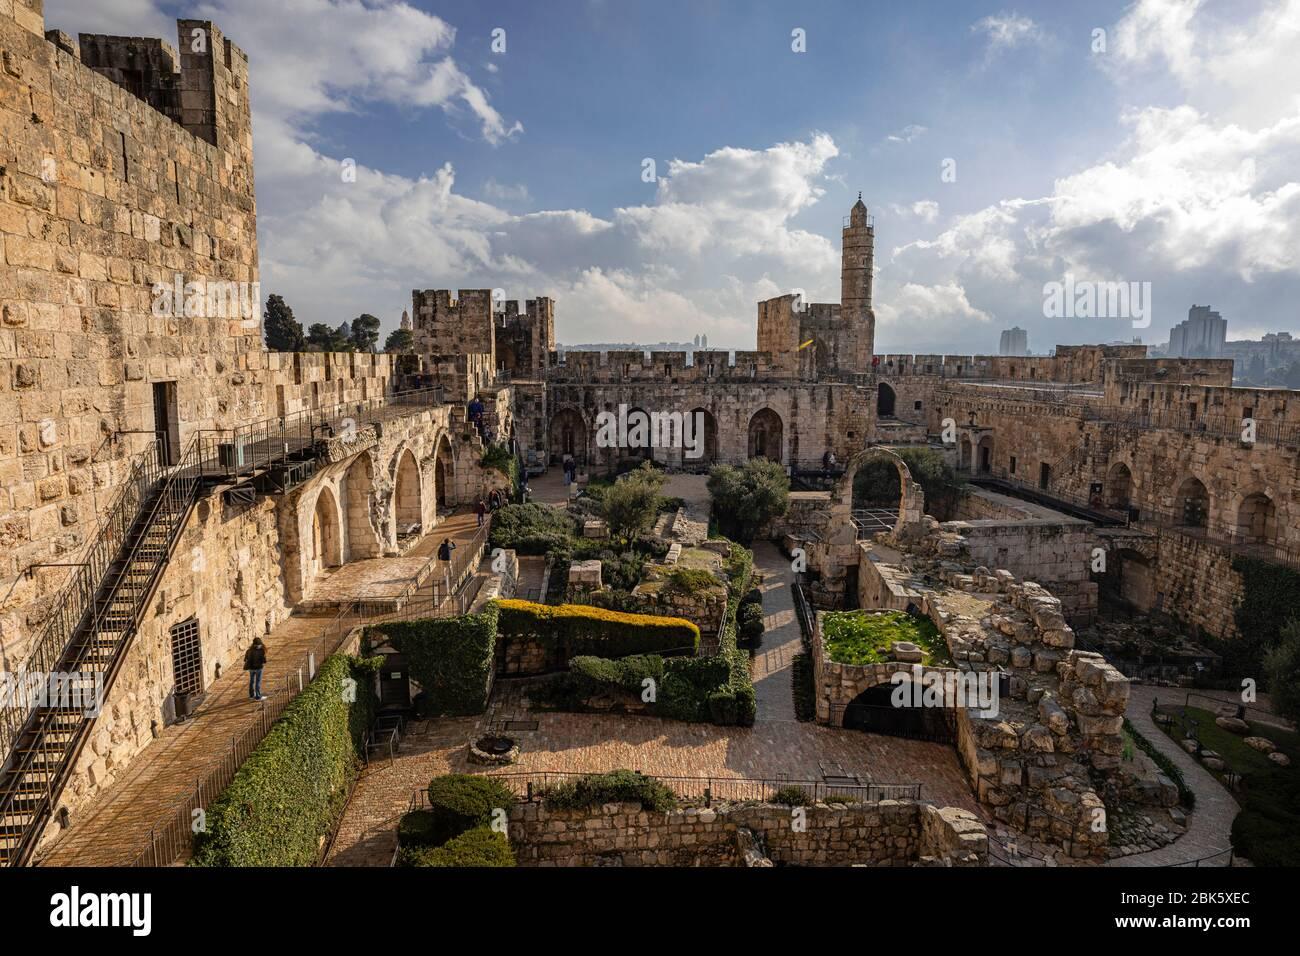 Torre de David, Ciudadela de Jerusalén, en la Ciudad Vieja de Jerusalén, Israel Foto de stock